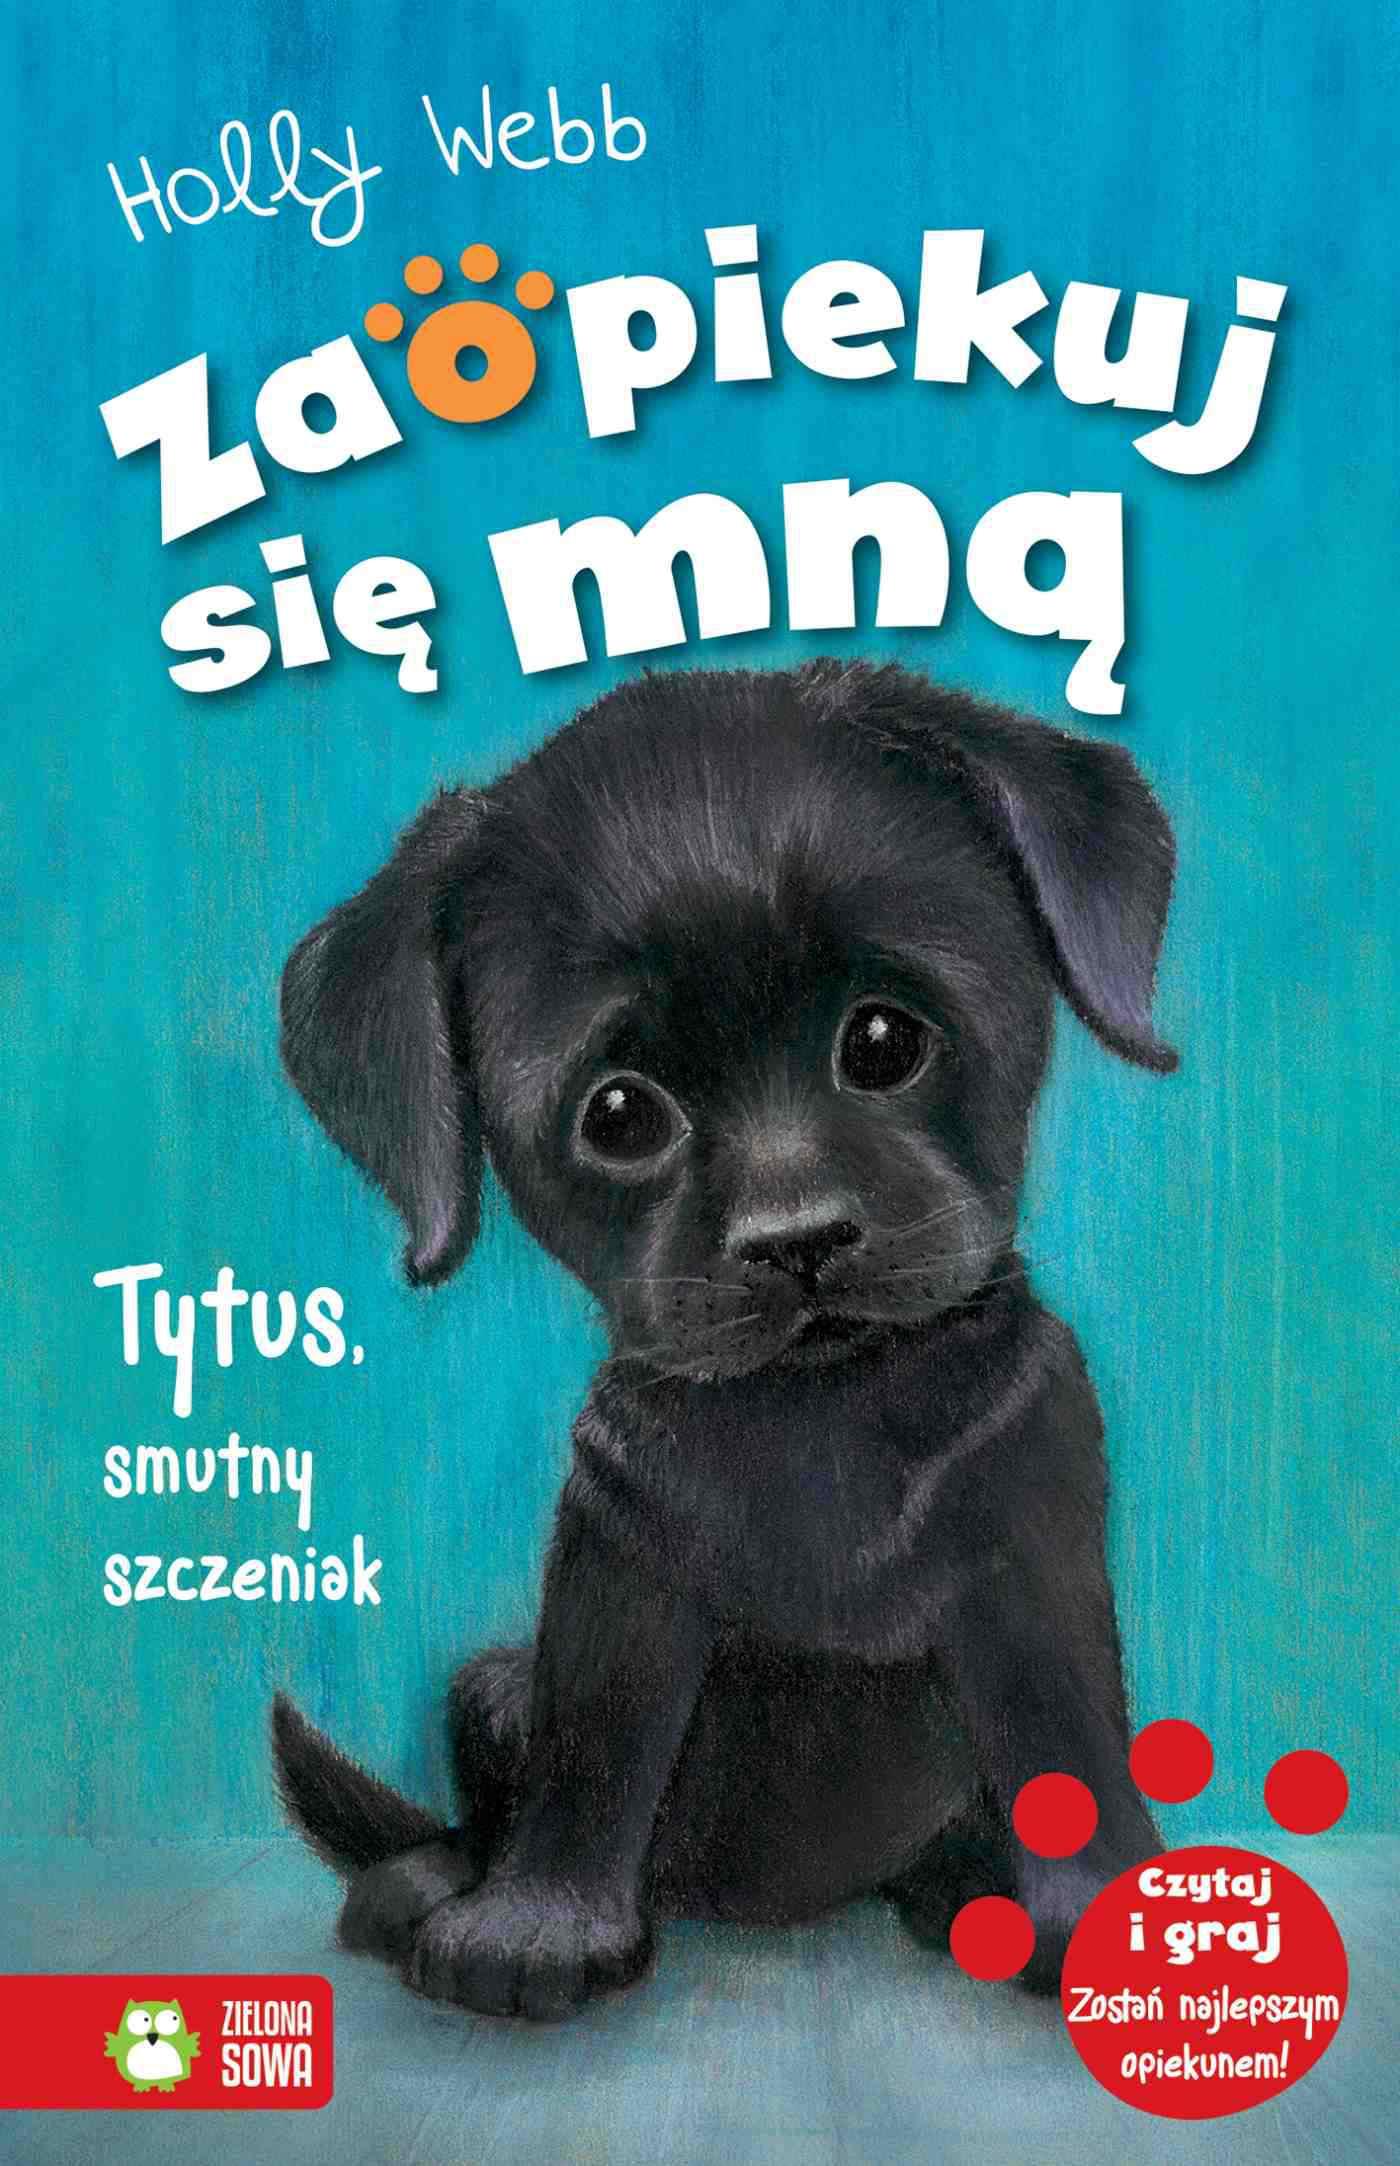 Tytus, smutny szczeniak - Ebook (Książka EPUB) do pobrania w formacie EPUB